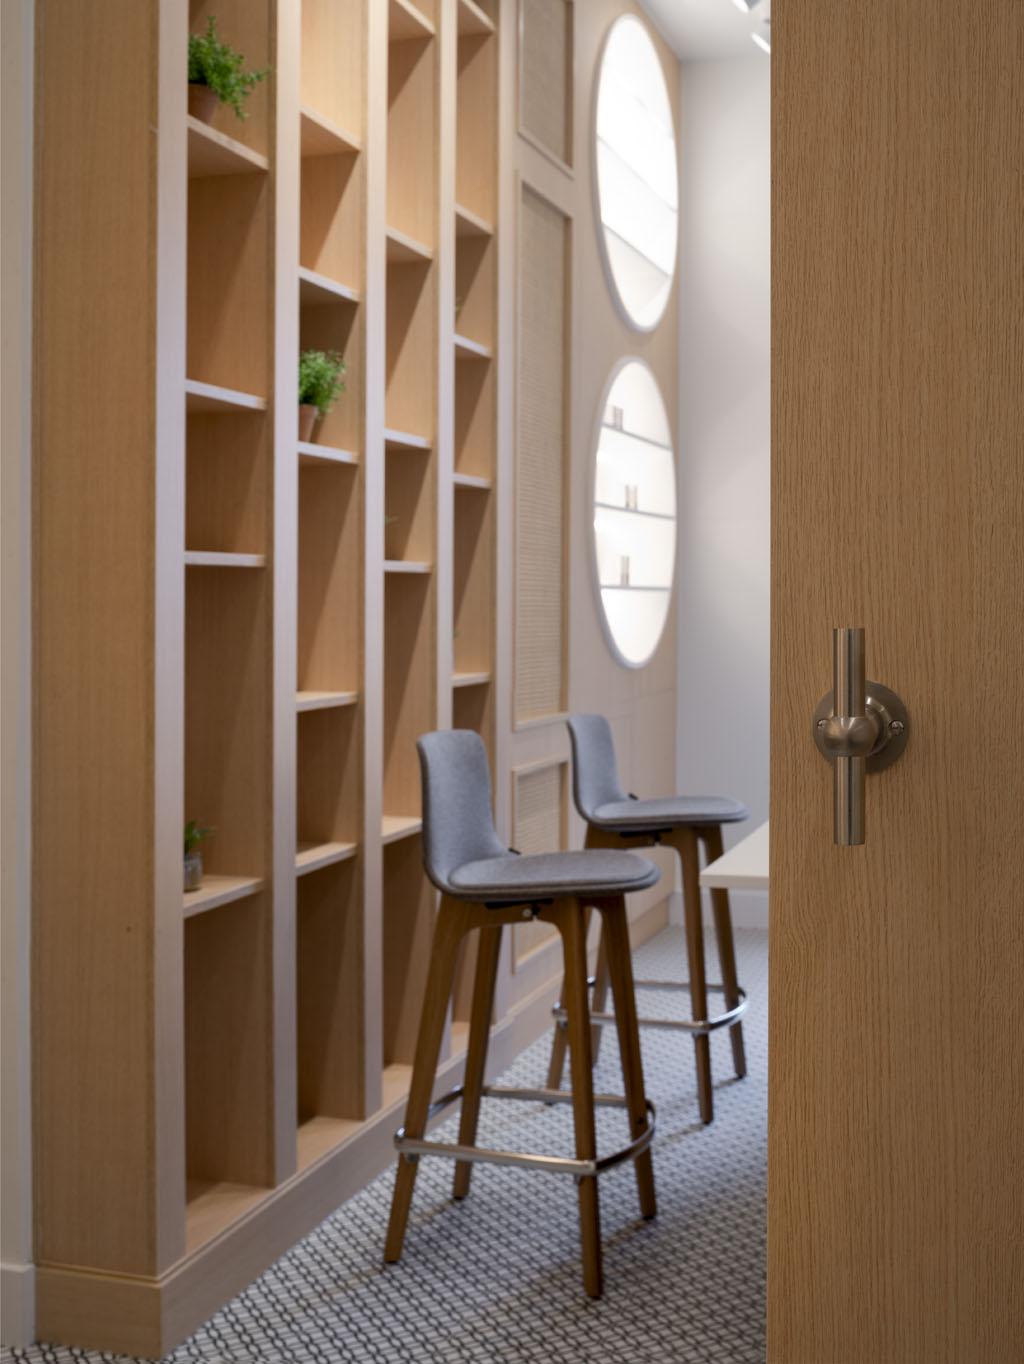 CLINICA_WEB_045-Erlantz Biderbost fotografo de arquitectura e interiores